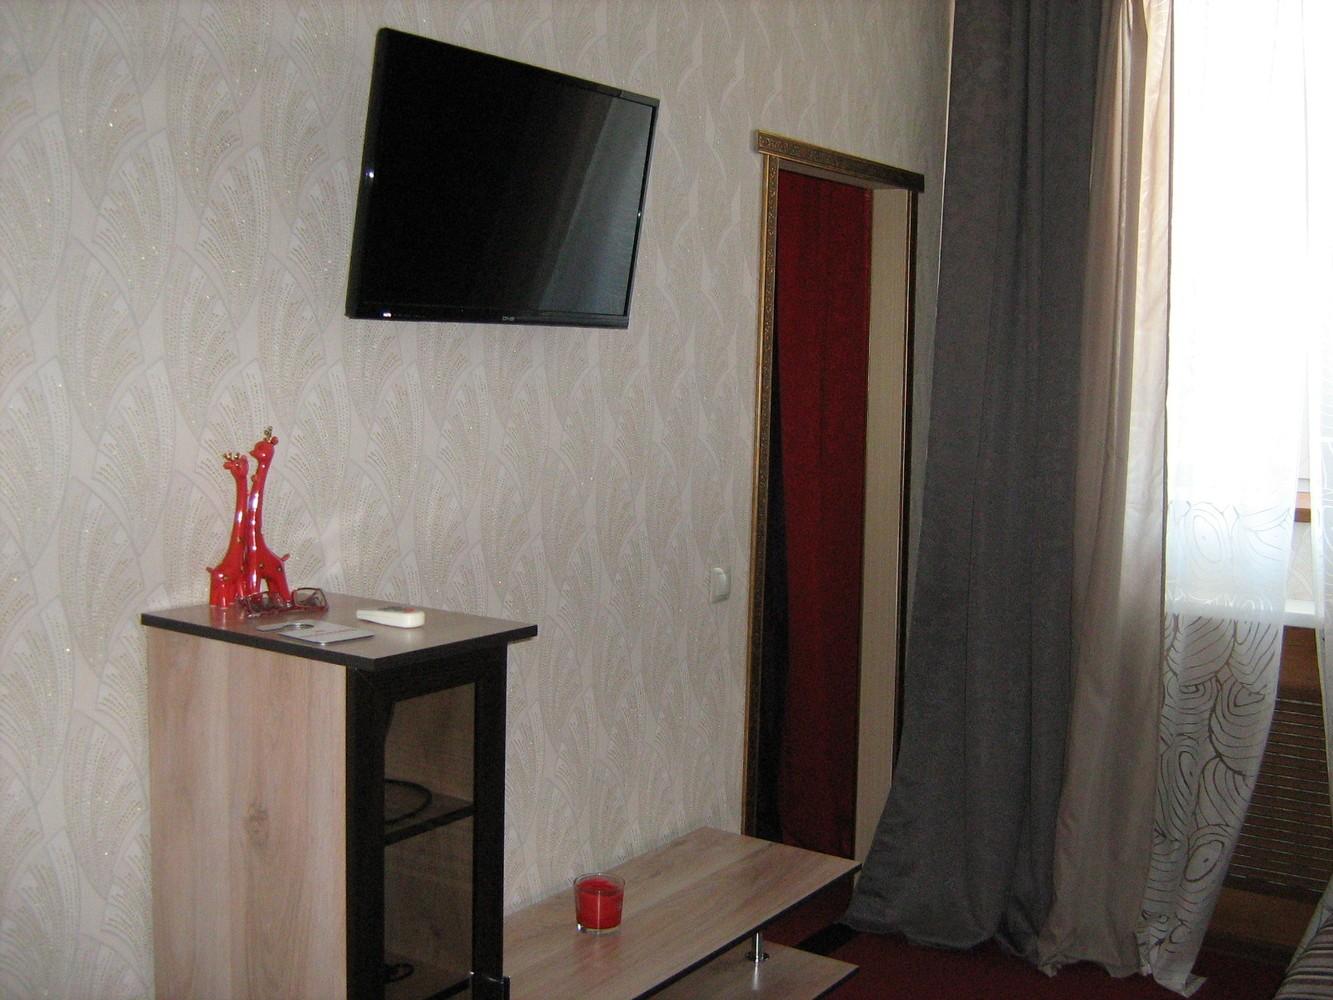 Сфера, гостиничный комплекс - №24